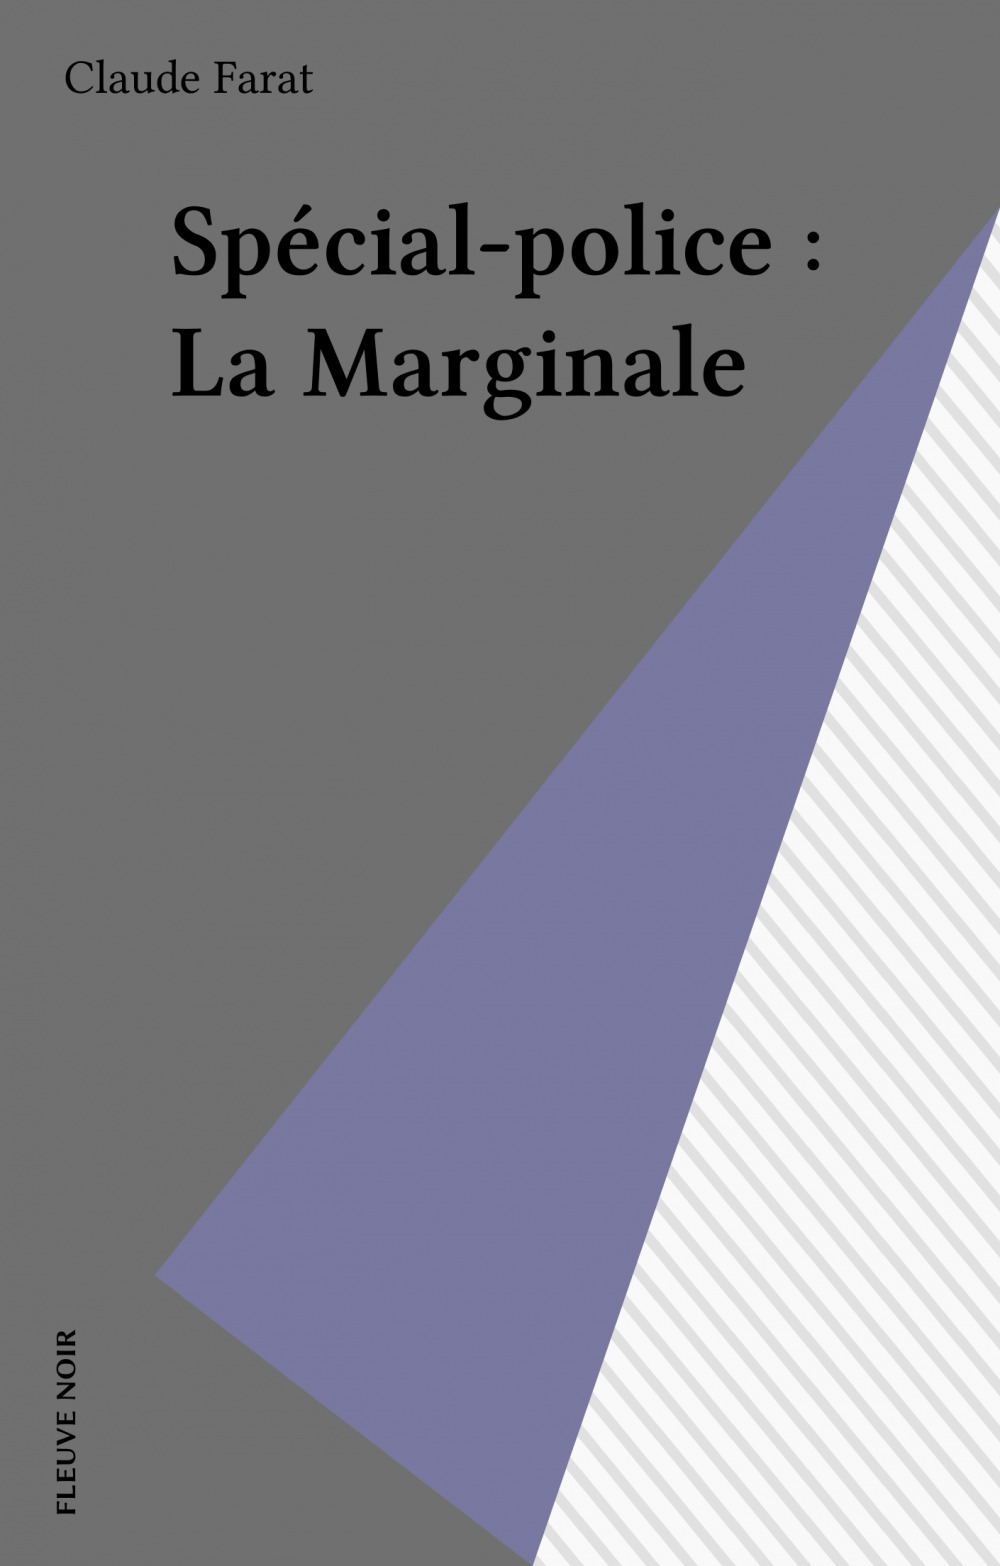 Spécial-police : La Marginale  - Farat/C  - Claude Farat